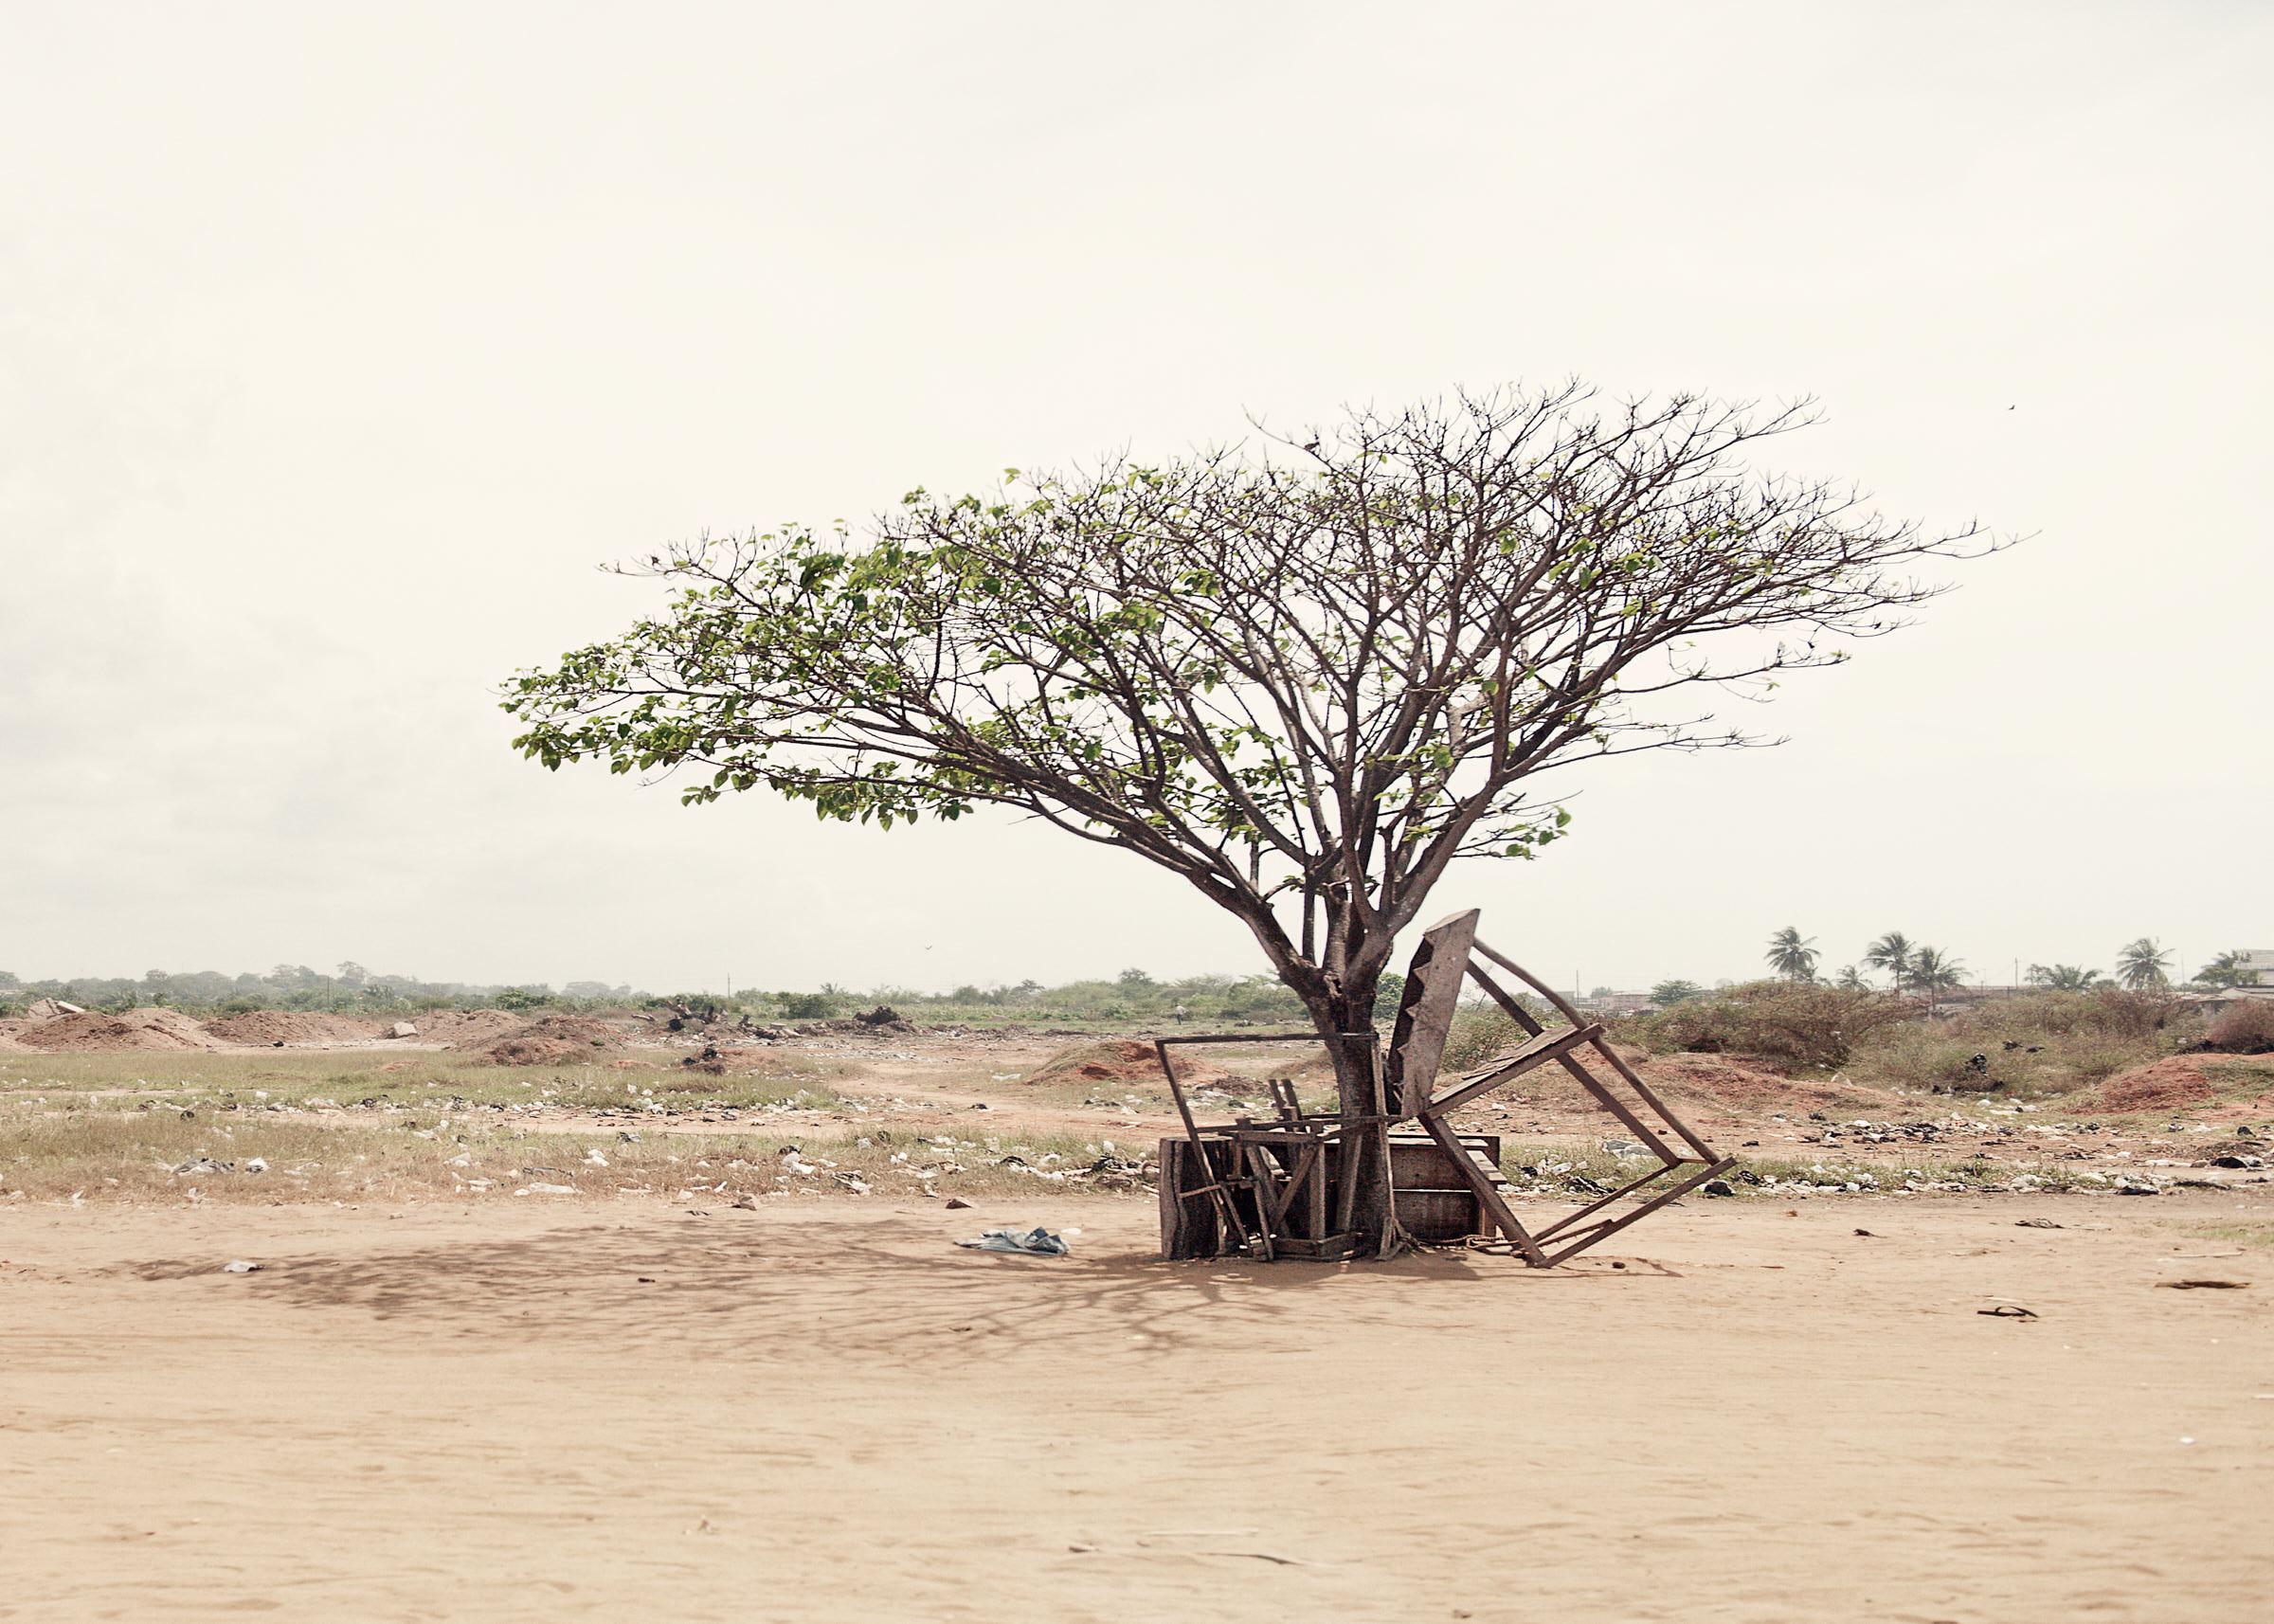 Portfolio_482_Voices_Africa_Togo_DSC1149__KRISTOFER SAMUELSSON PHOTOGRAPHY.jpg